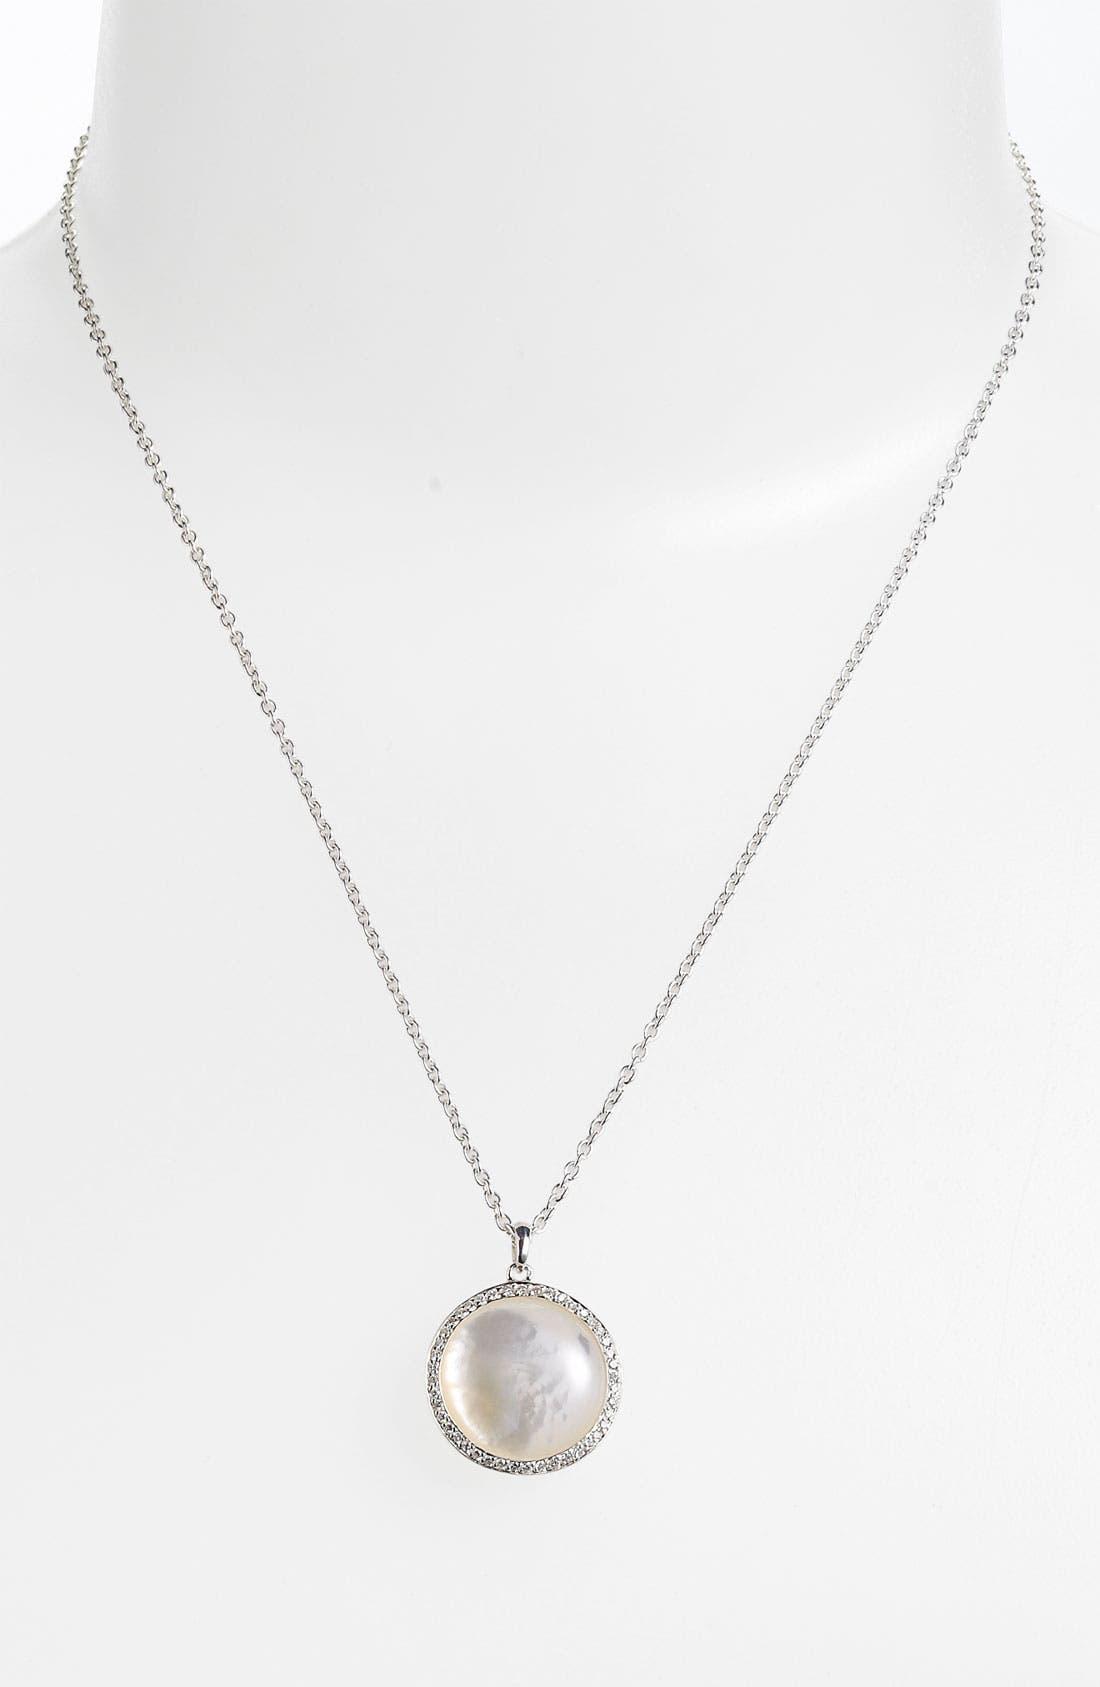 Main Image - Ippolita 'Scultura' Medium Circle Pendant Necklace